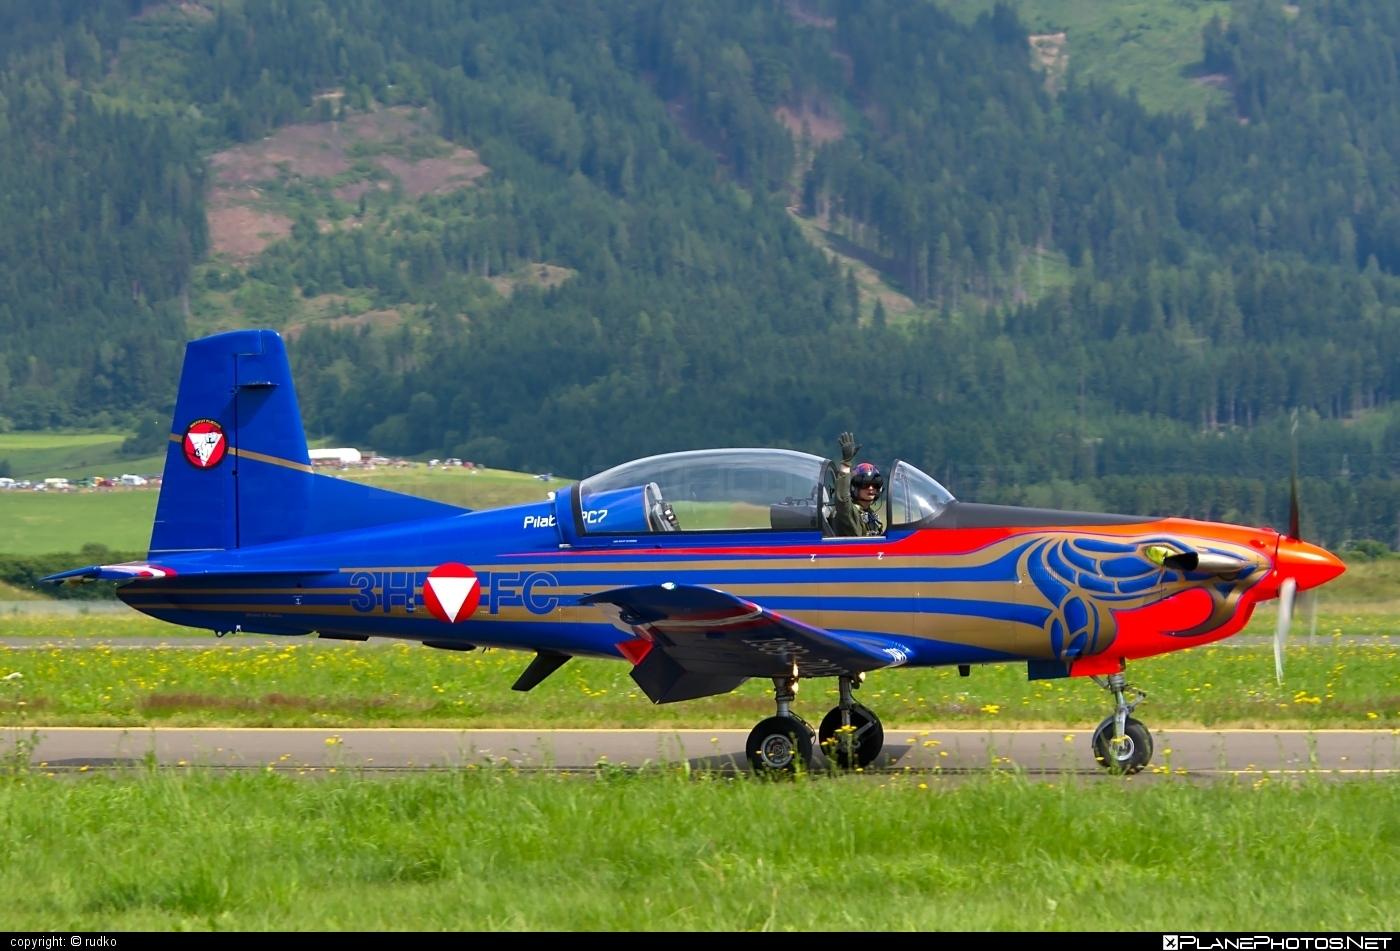 Pilatus PC-7 - 3H-FC operated by Österreichische Luftstreitkräfte (Austrian Air Force) #austrianairforce #pc7 #pilatus #pilatuspc7